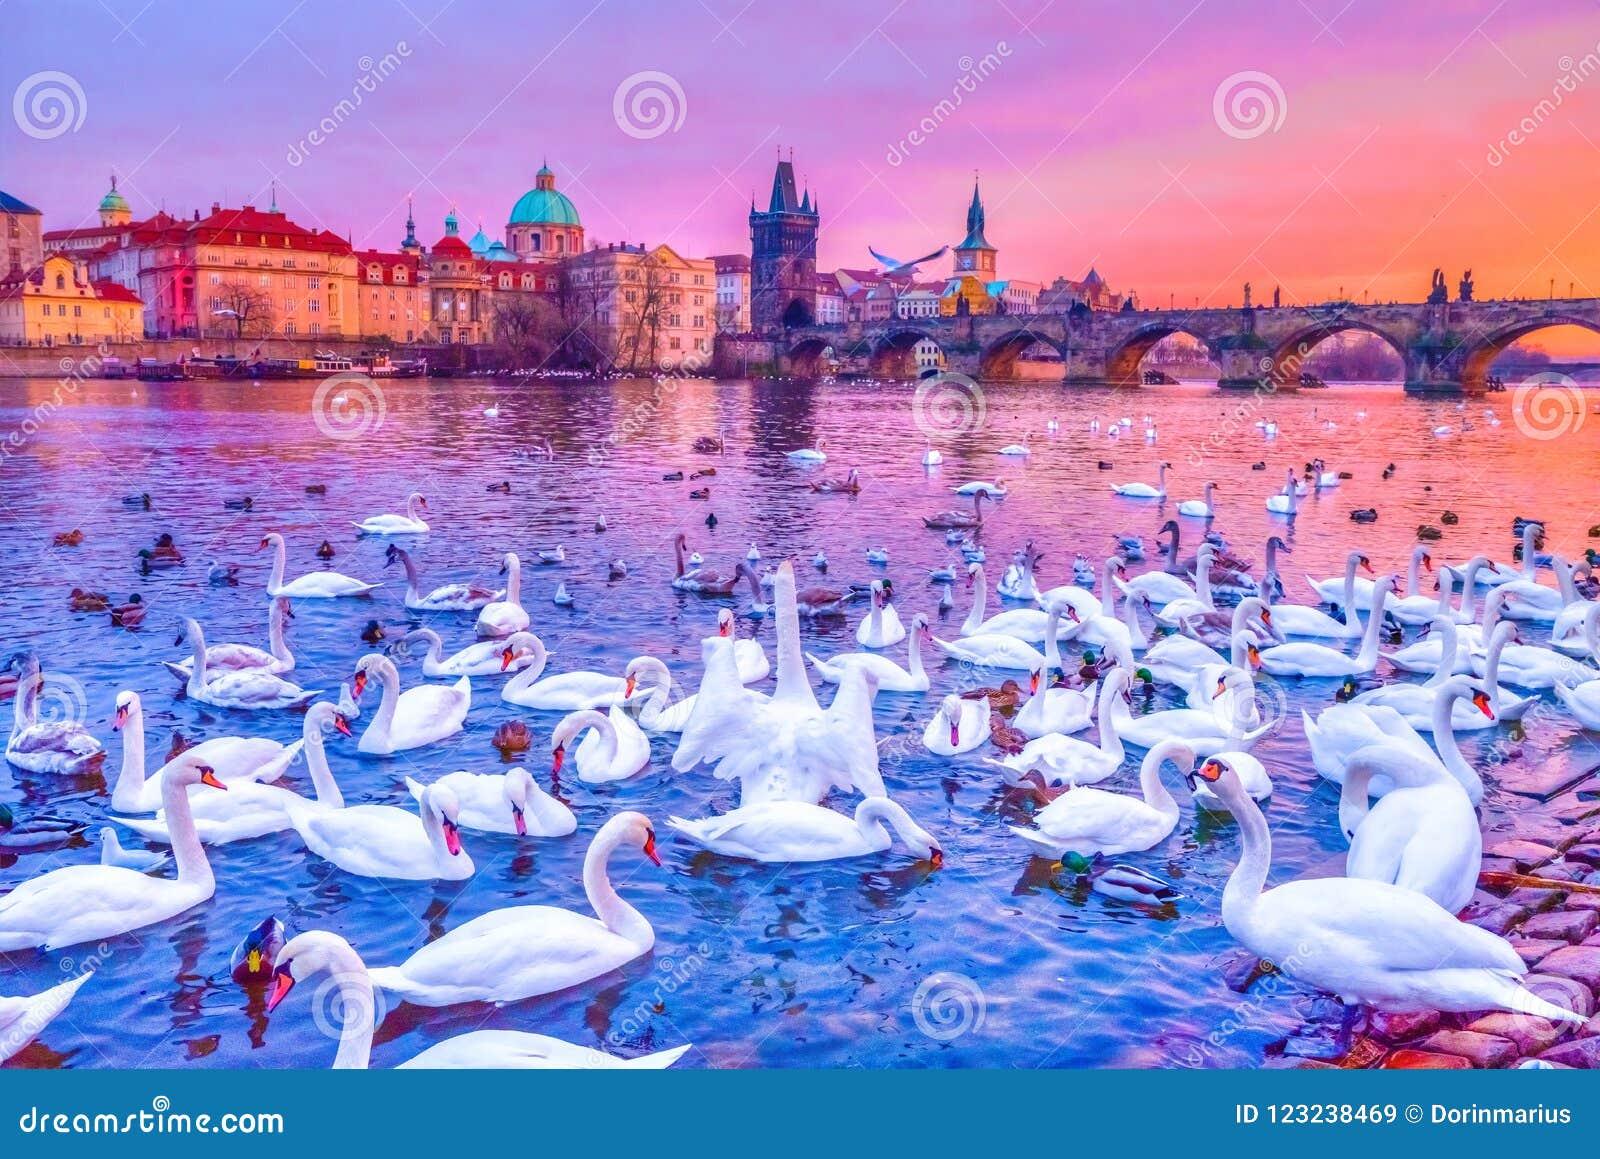 Cisnes no rio de Vltava, Charles Bridge no por do sol em Praga, República Checa